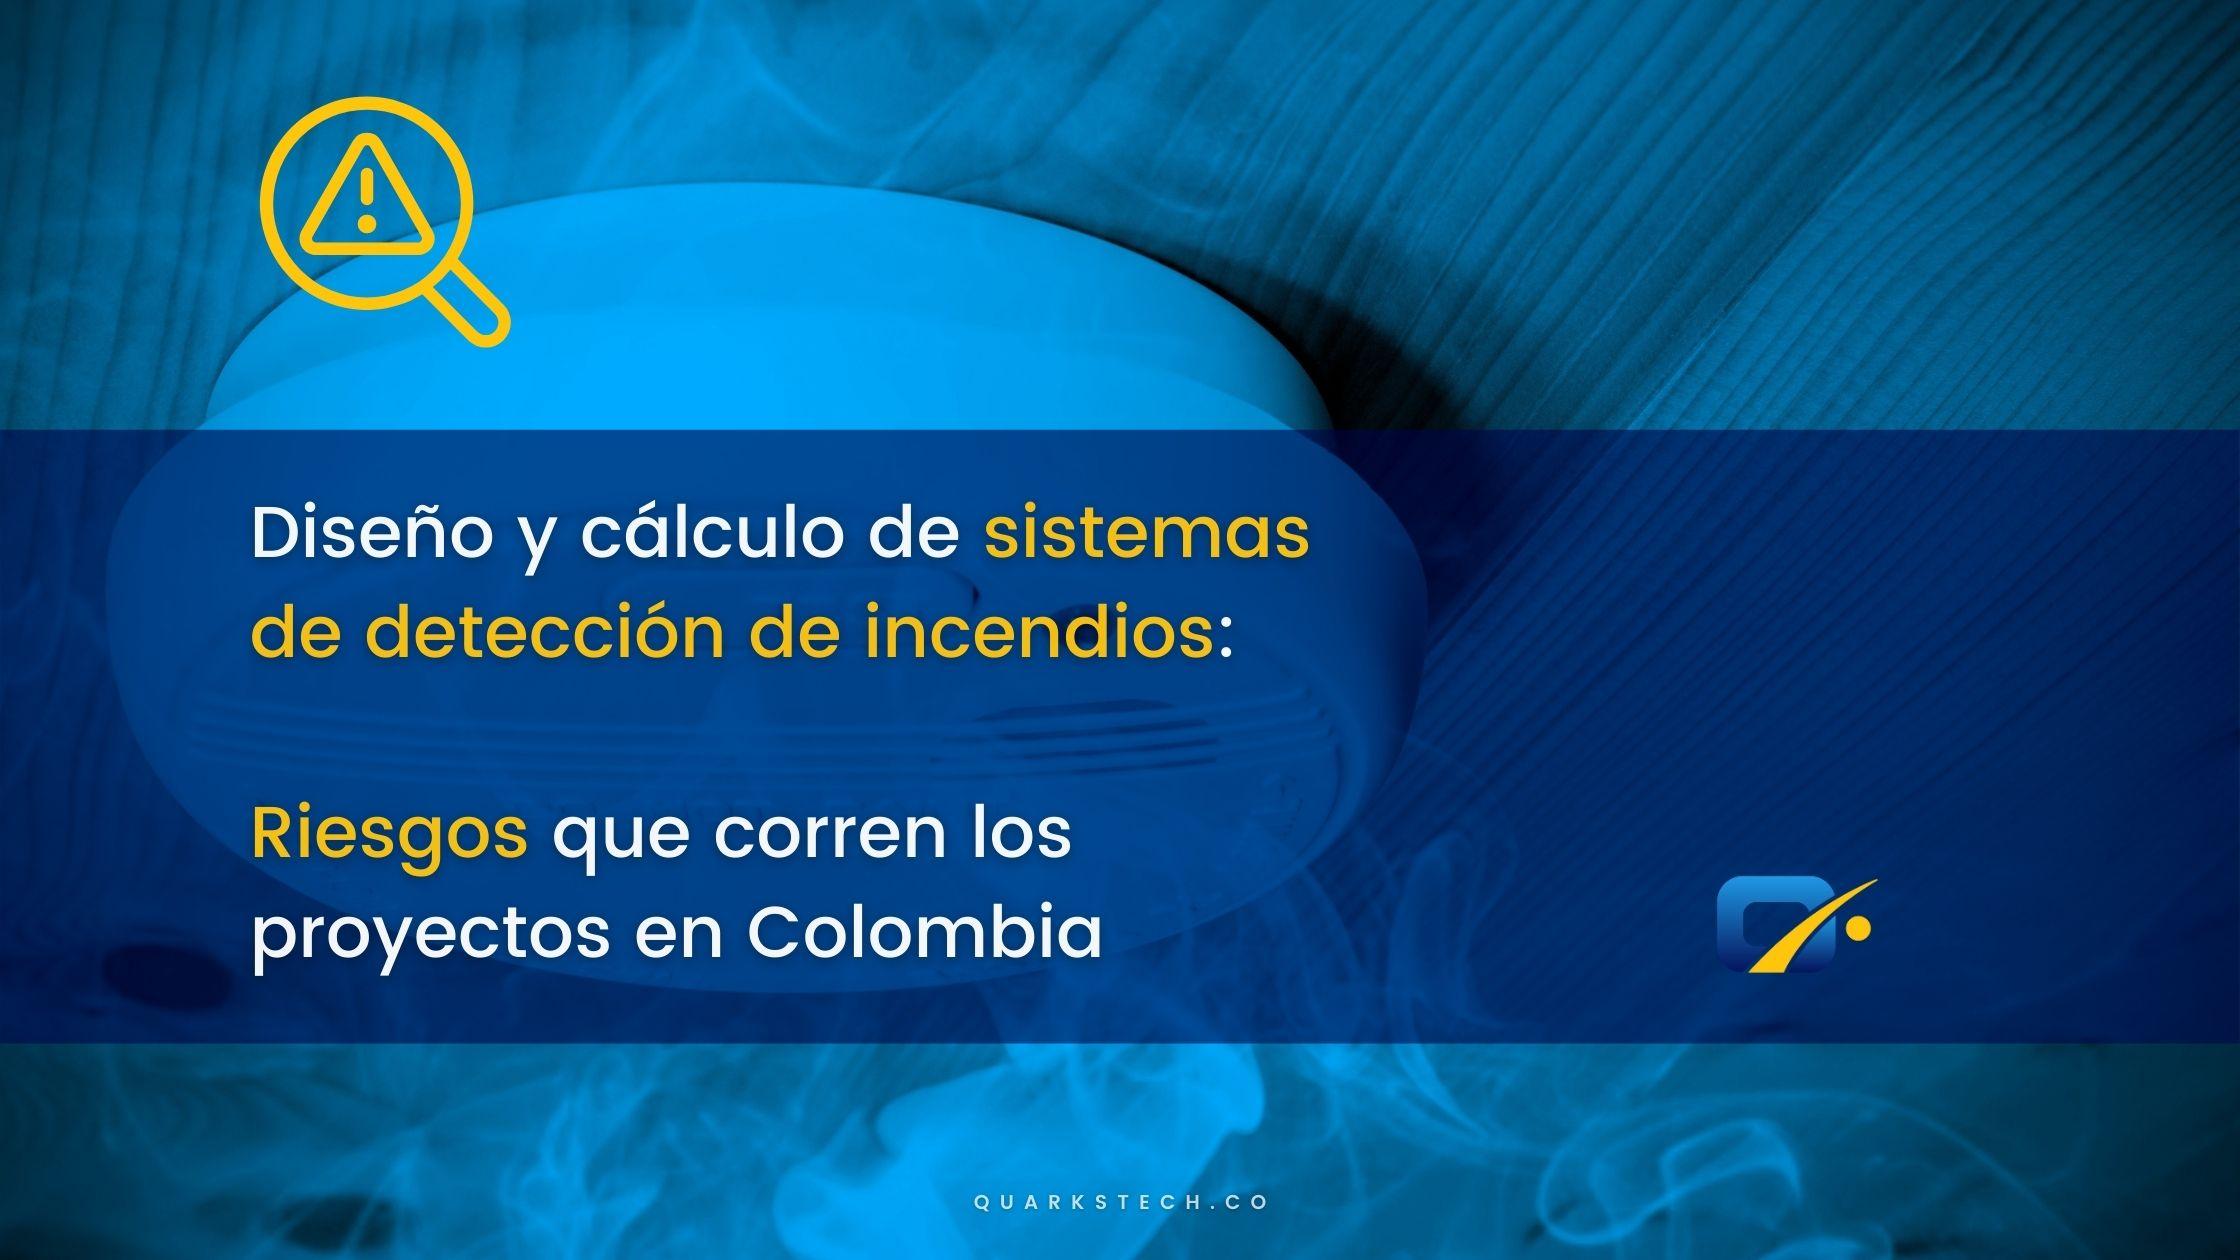 Diseño y cálculo de sistemas de detección de incendios: los riesgos que corren los proyectos en Colombia